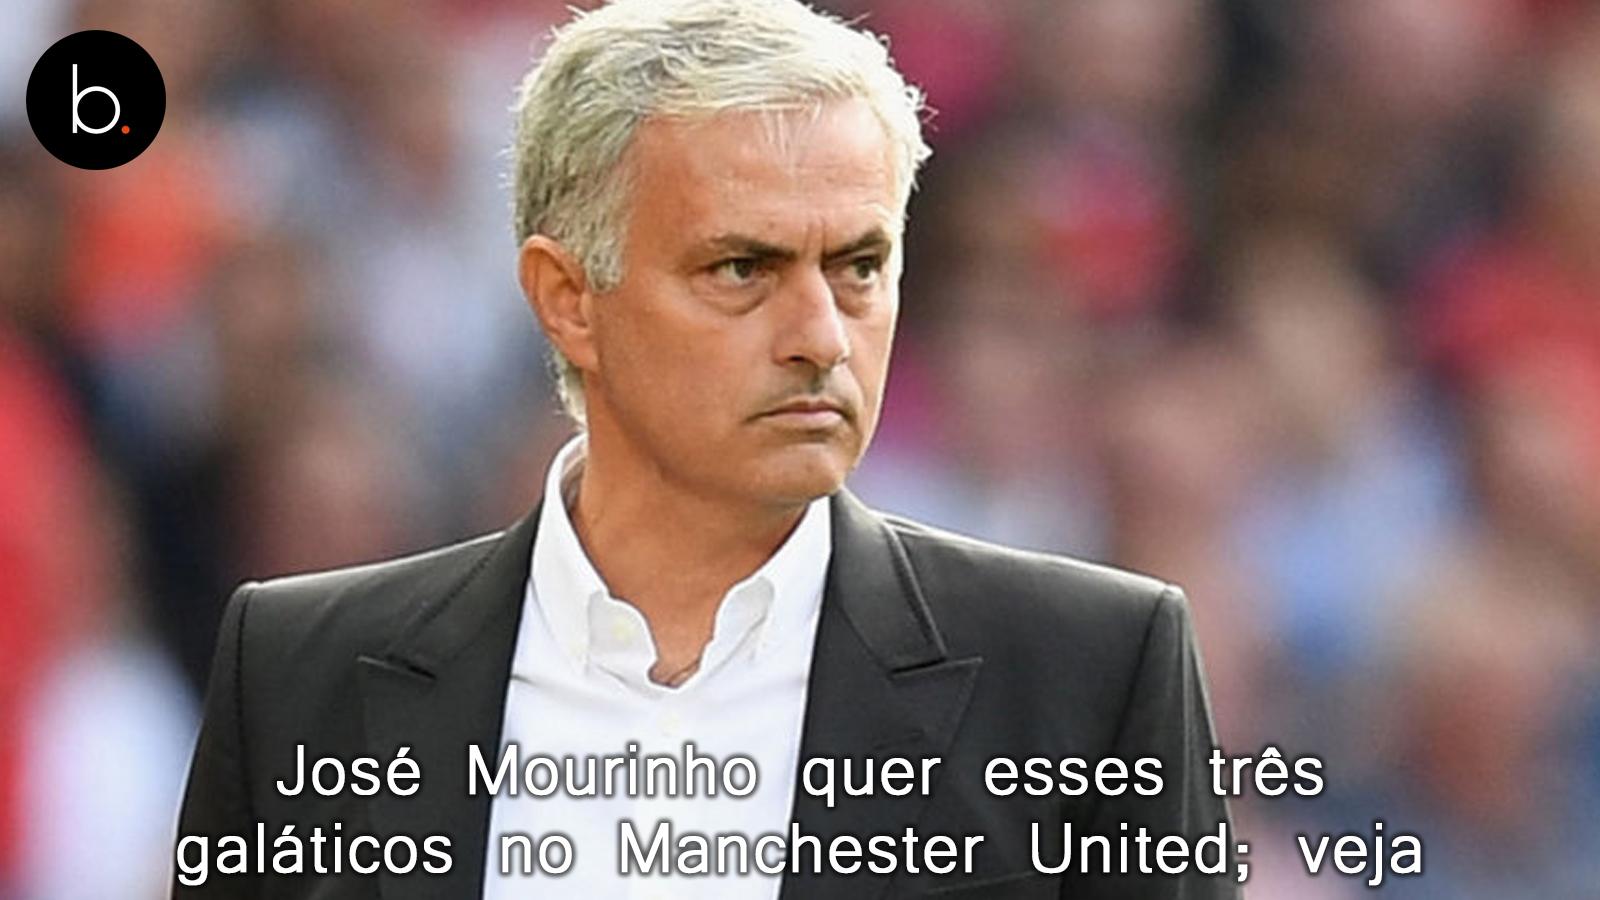 José Mourinho quer esses três galáticos no Manchester United; veja